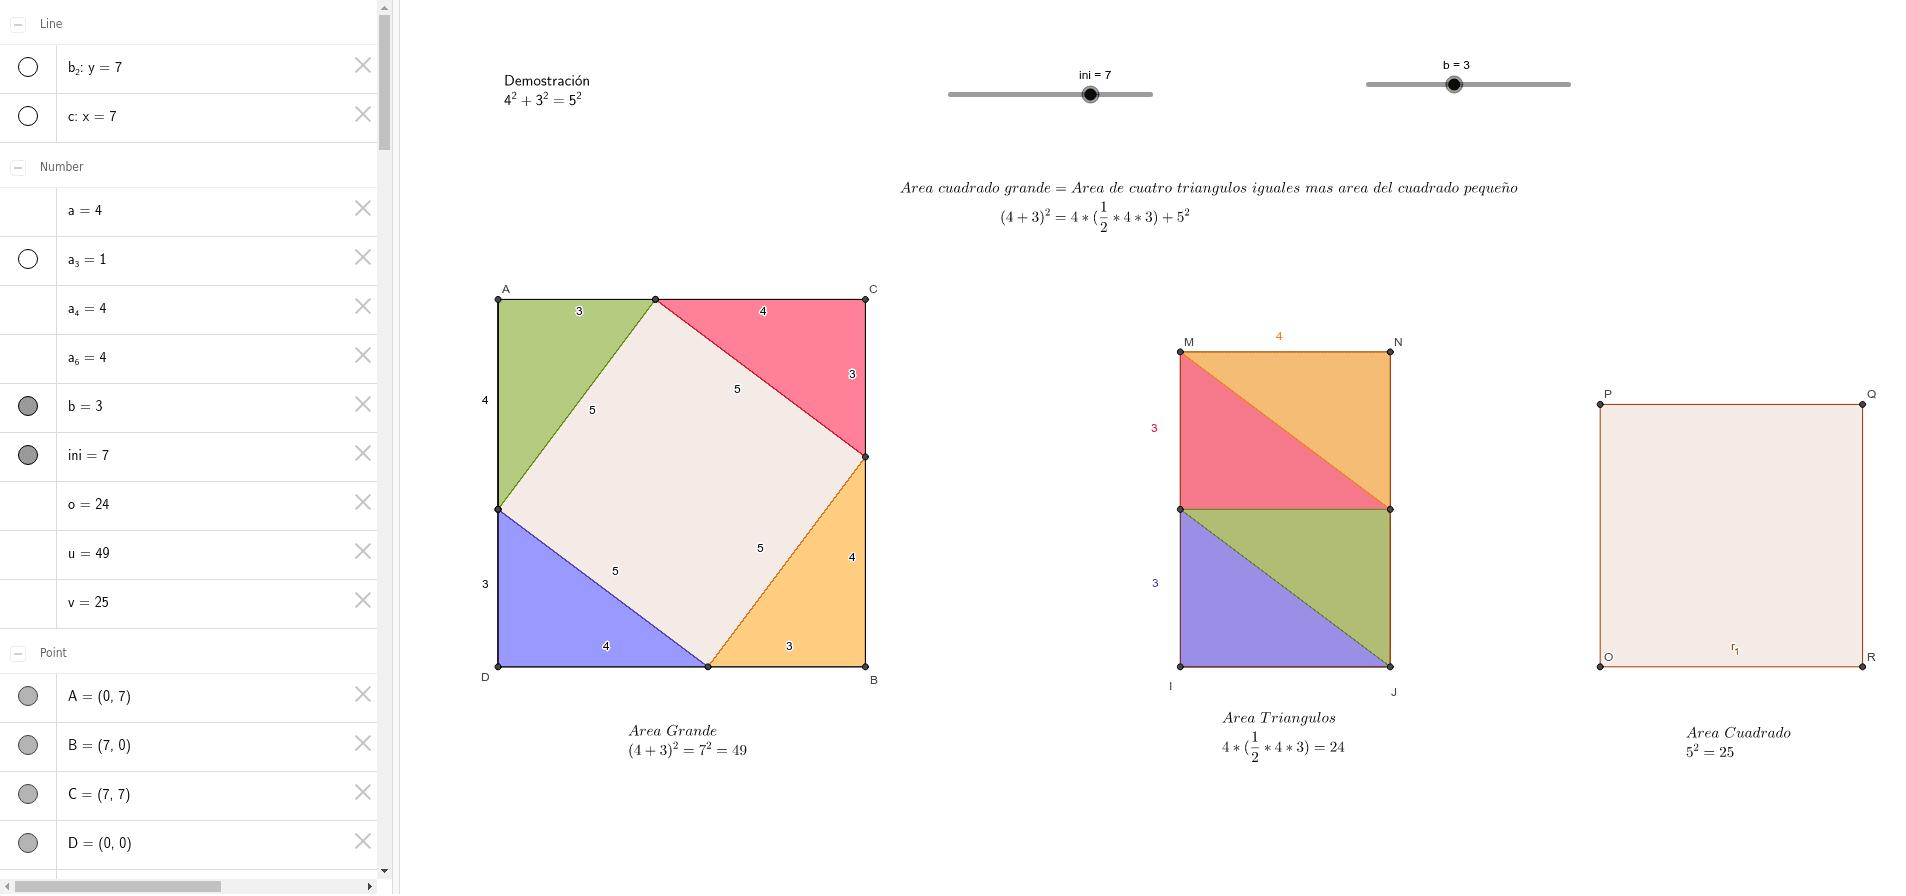 Mueve los deslizadores para comprobar los resultados del teorema